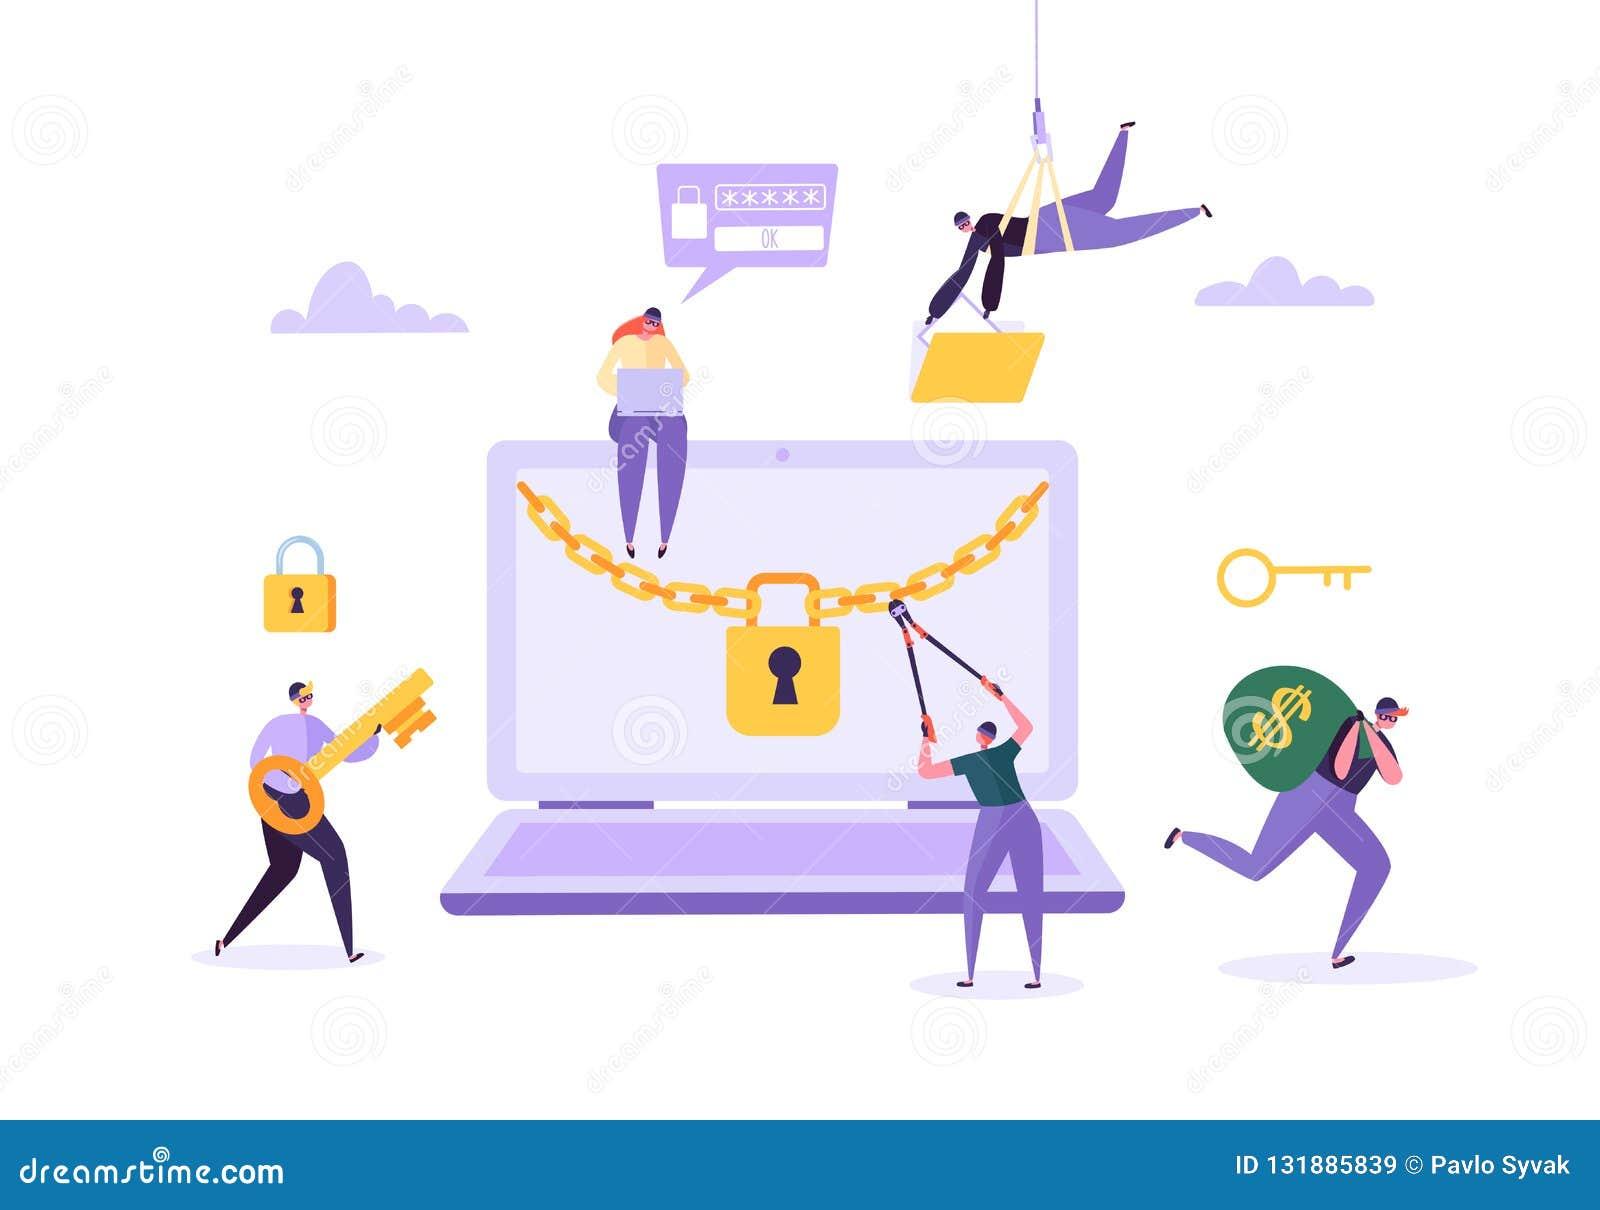 Хакер крадя пароль и деньги от ноутбука Характеры похитителя рубя компьютер Нападение рыбной ловли, финансовое очковтирательство